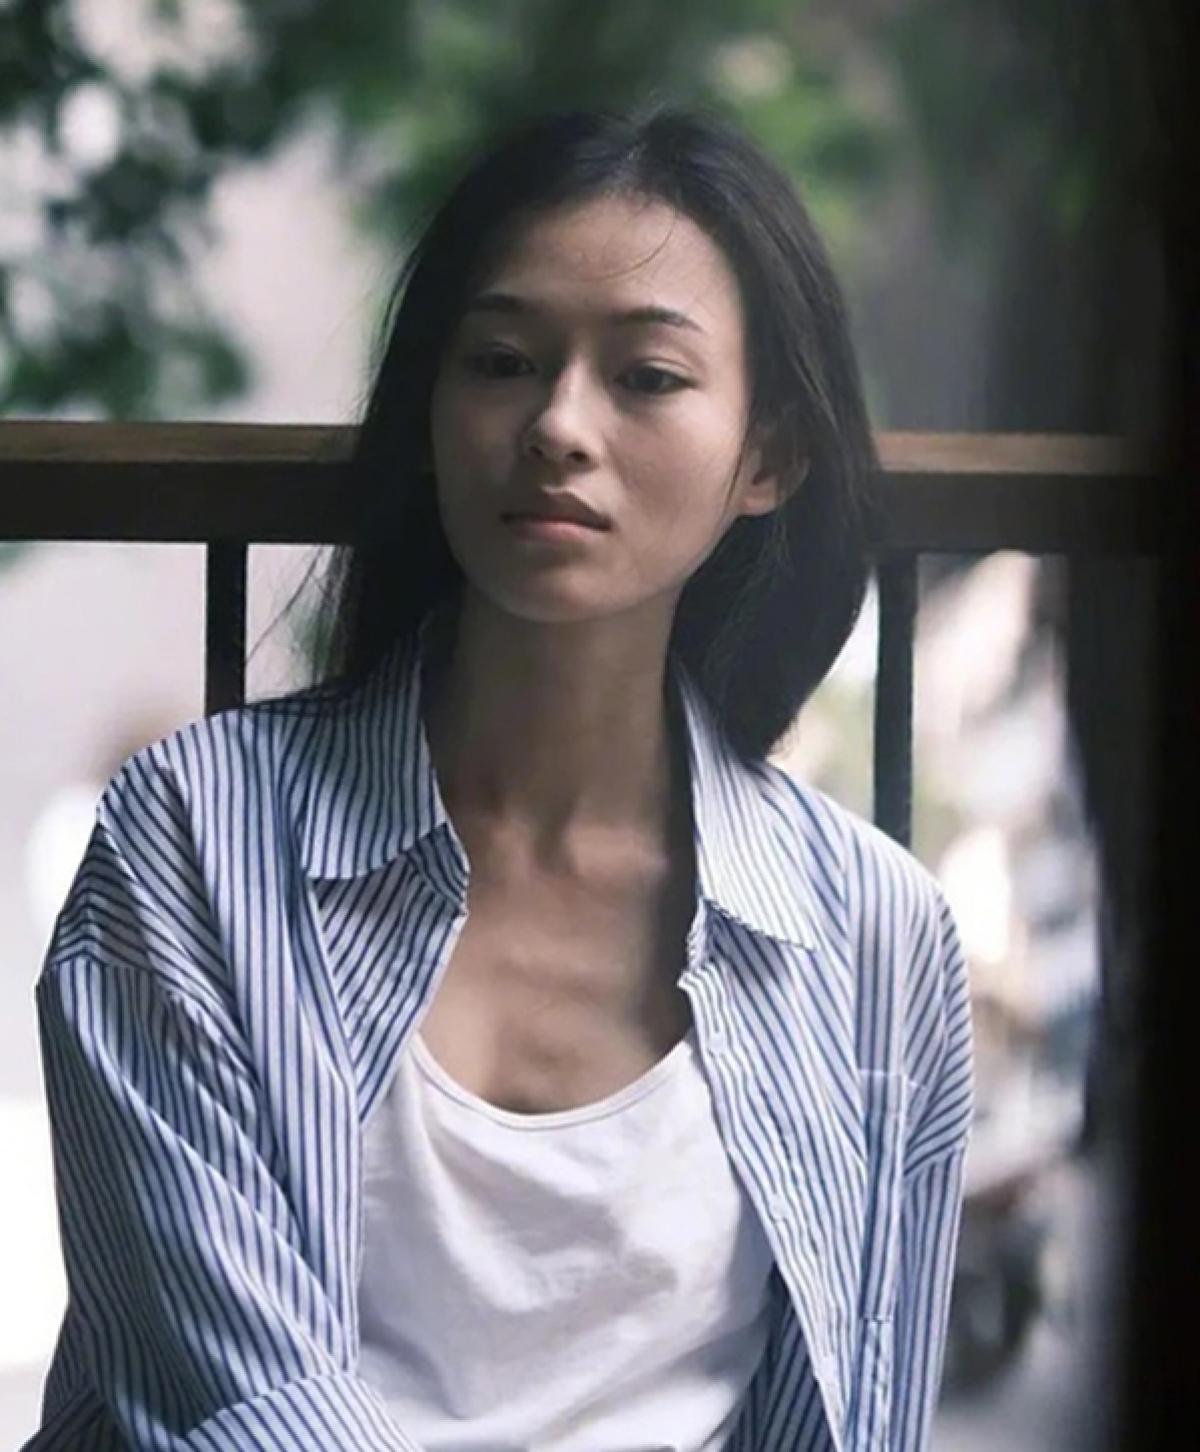 Khán giả nhận định vẻ đẹp của Minh Hà là sự hòa trộn giữa nhan sắc Chương Tử Di và Chung Sở Hy.